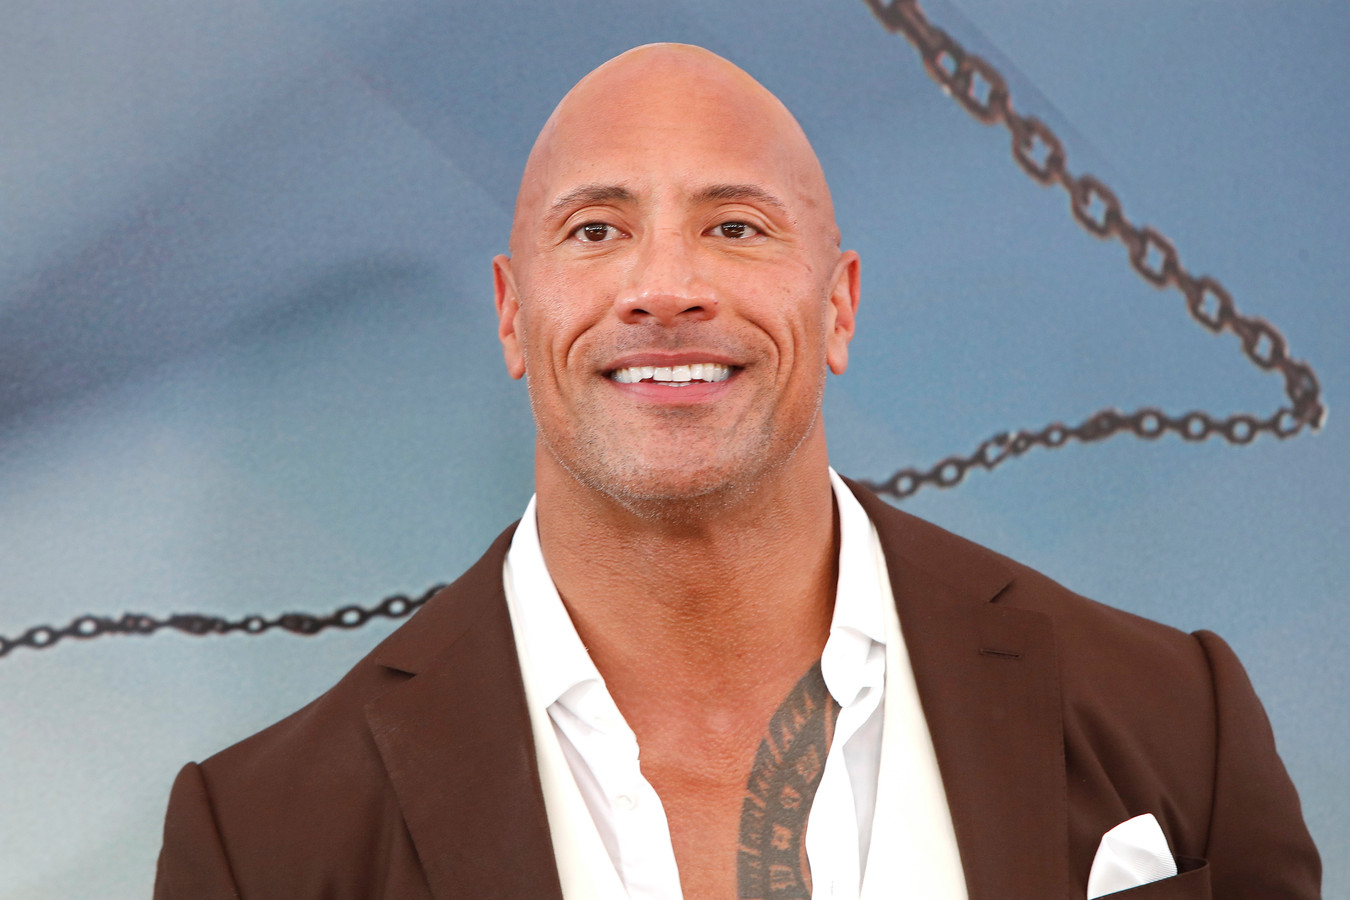 Dwayne 'The Rock' Johnson.